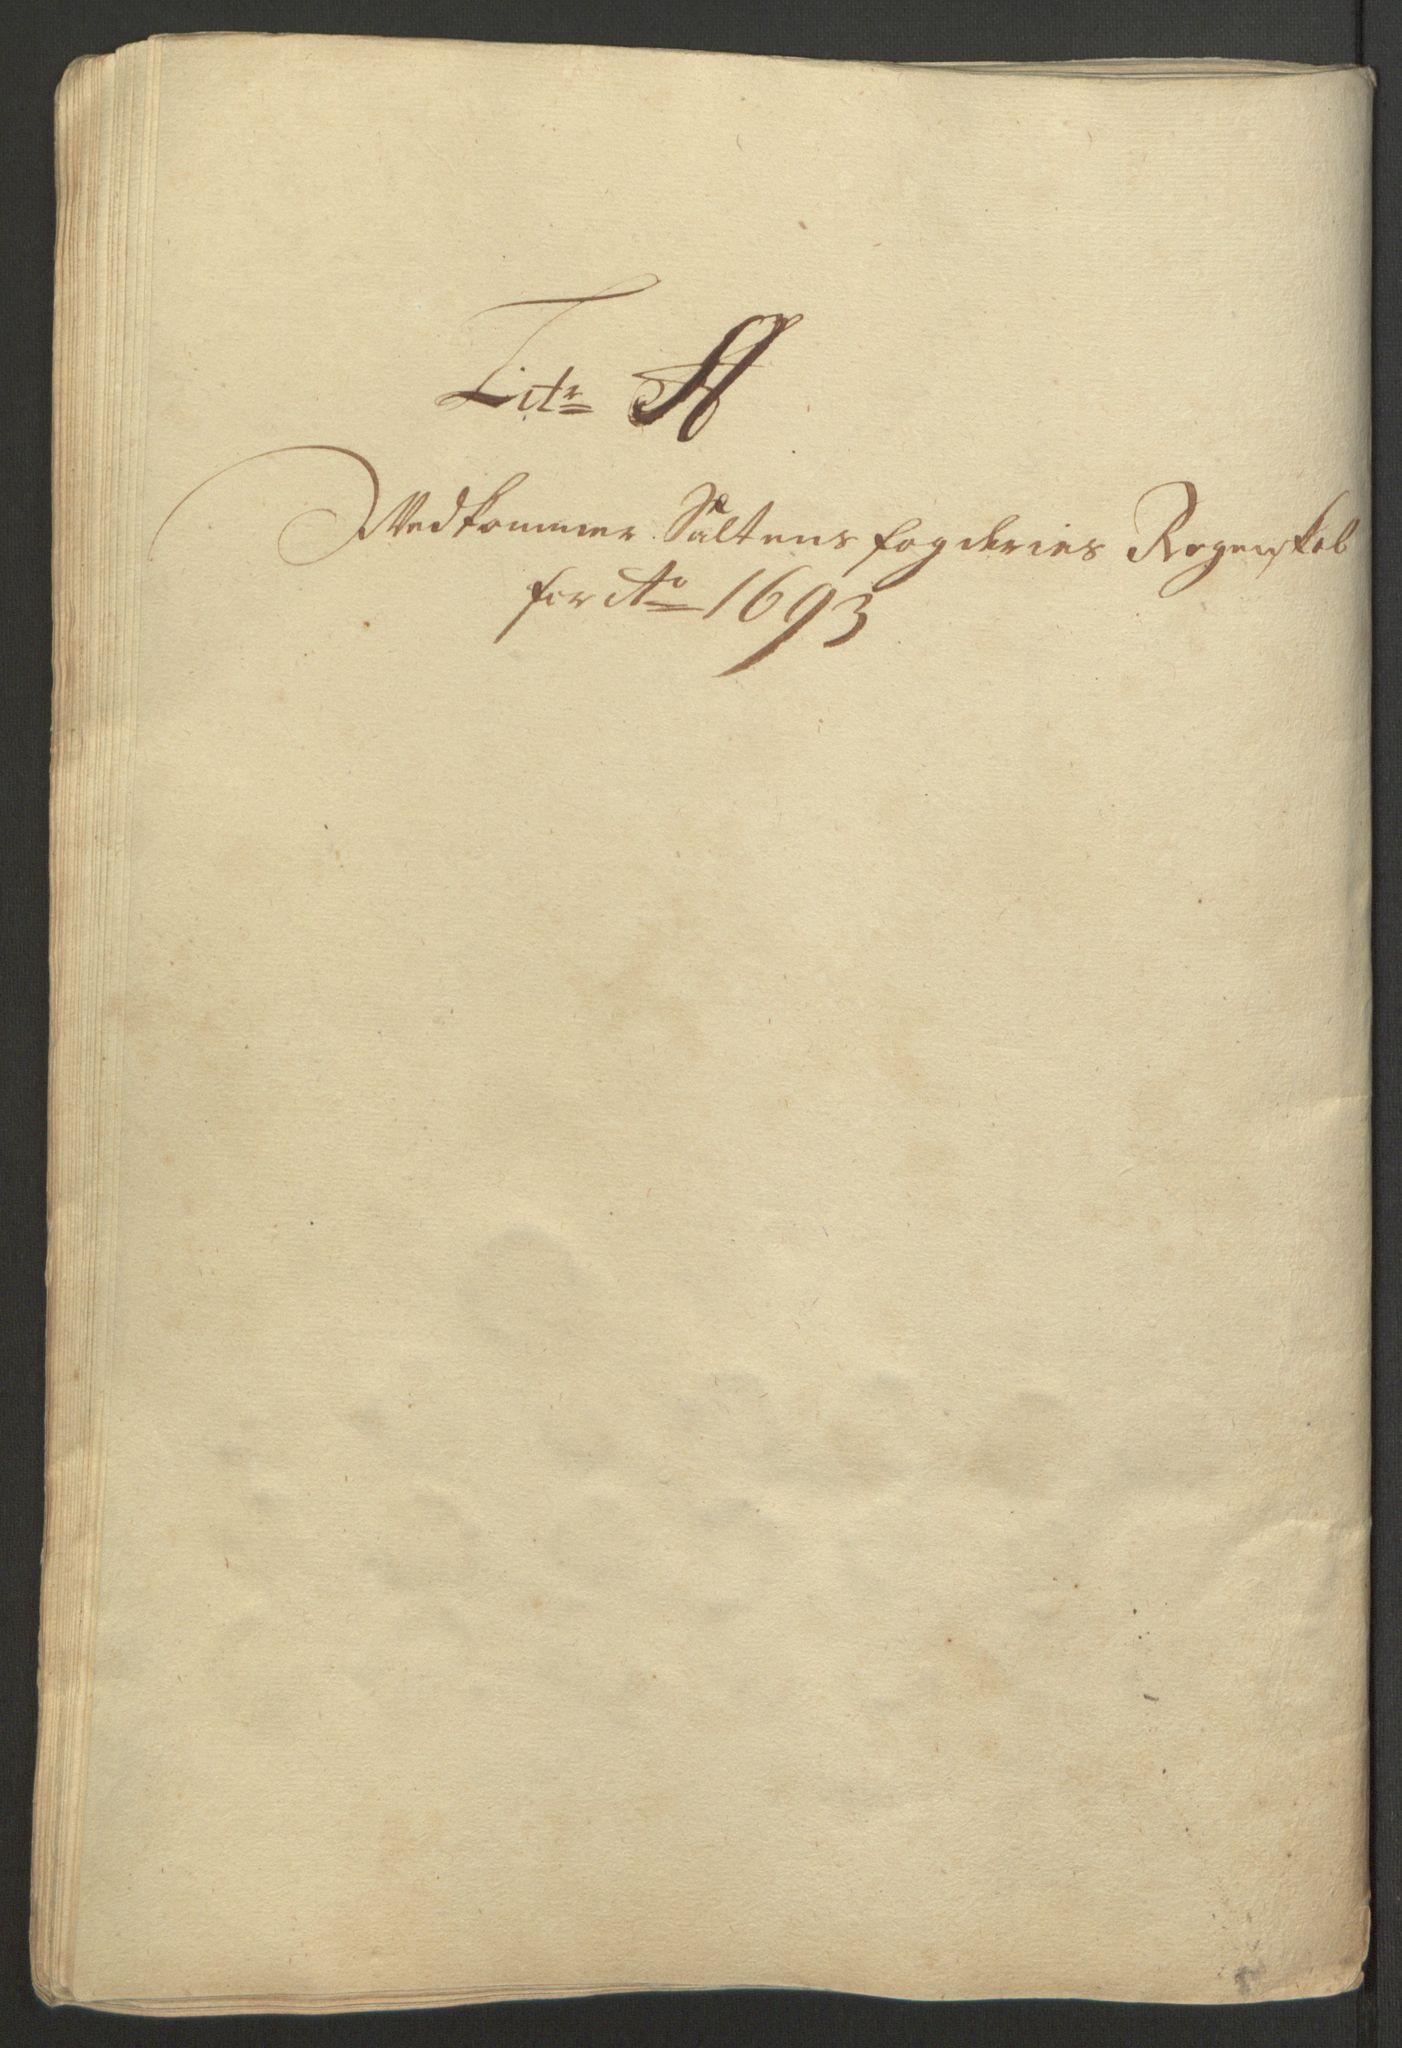 RA, Rentekammeret inntil 1814, Reviderte regnskaper, Fogderegnskap, R66/L4577: Fogderegnskap Salten, 1691-1693, s. 292